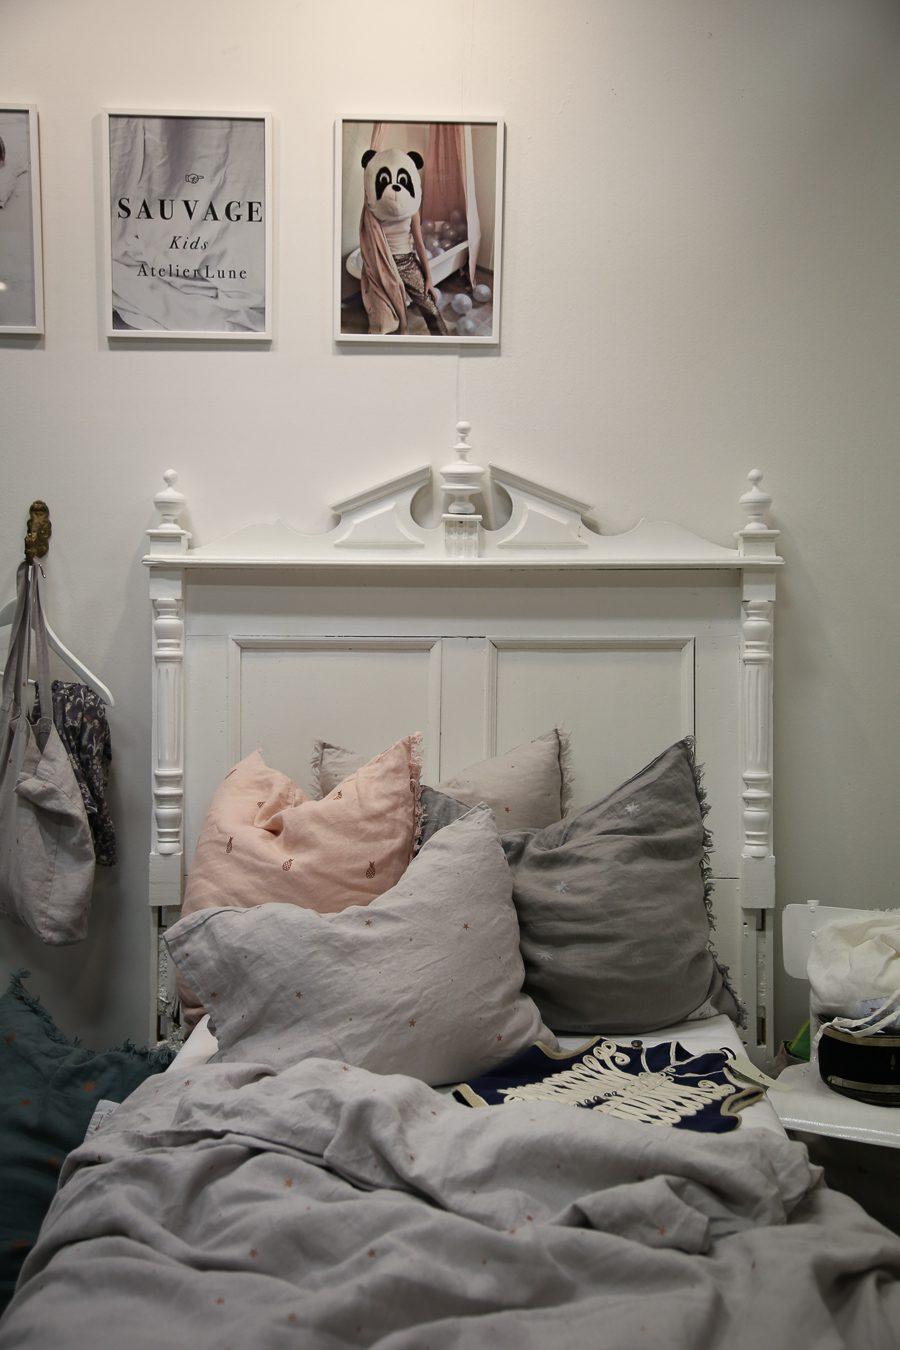 viktoria.holmgren.lovely.life.atelier.lune